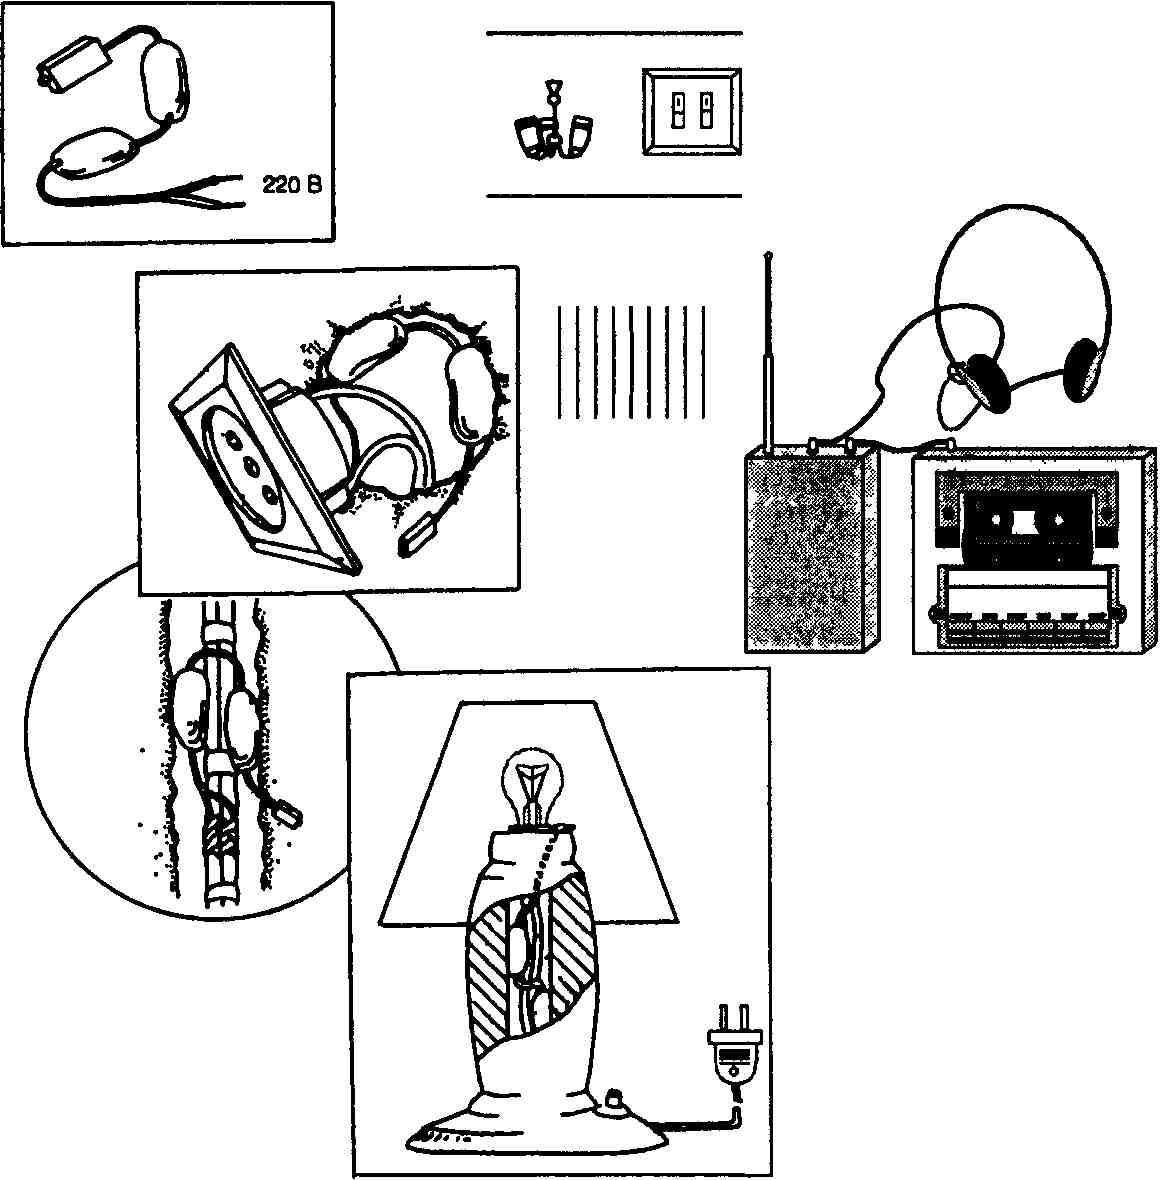 простая схема радиожучок большой дальности